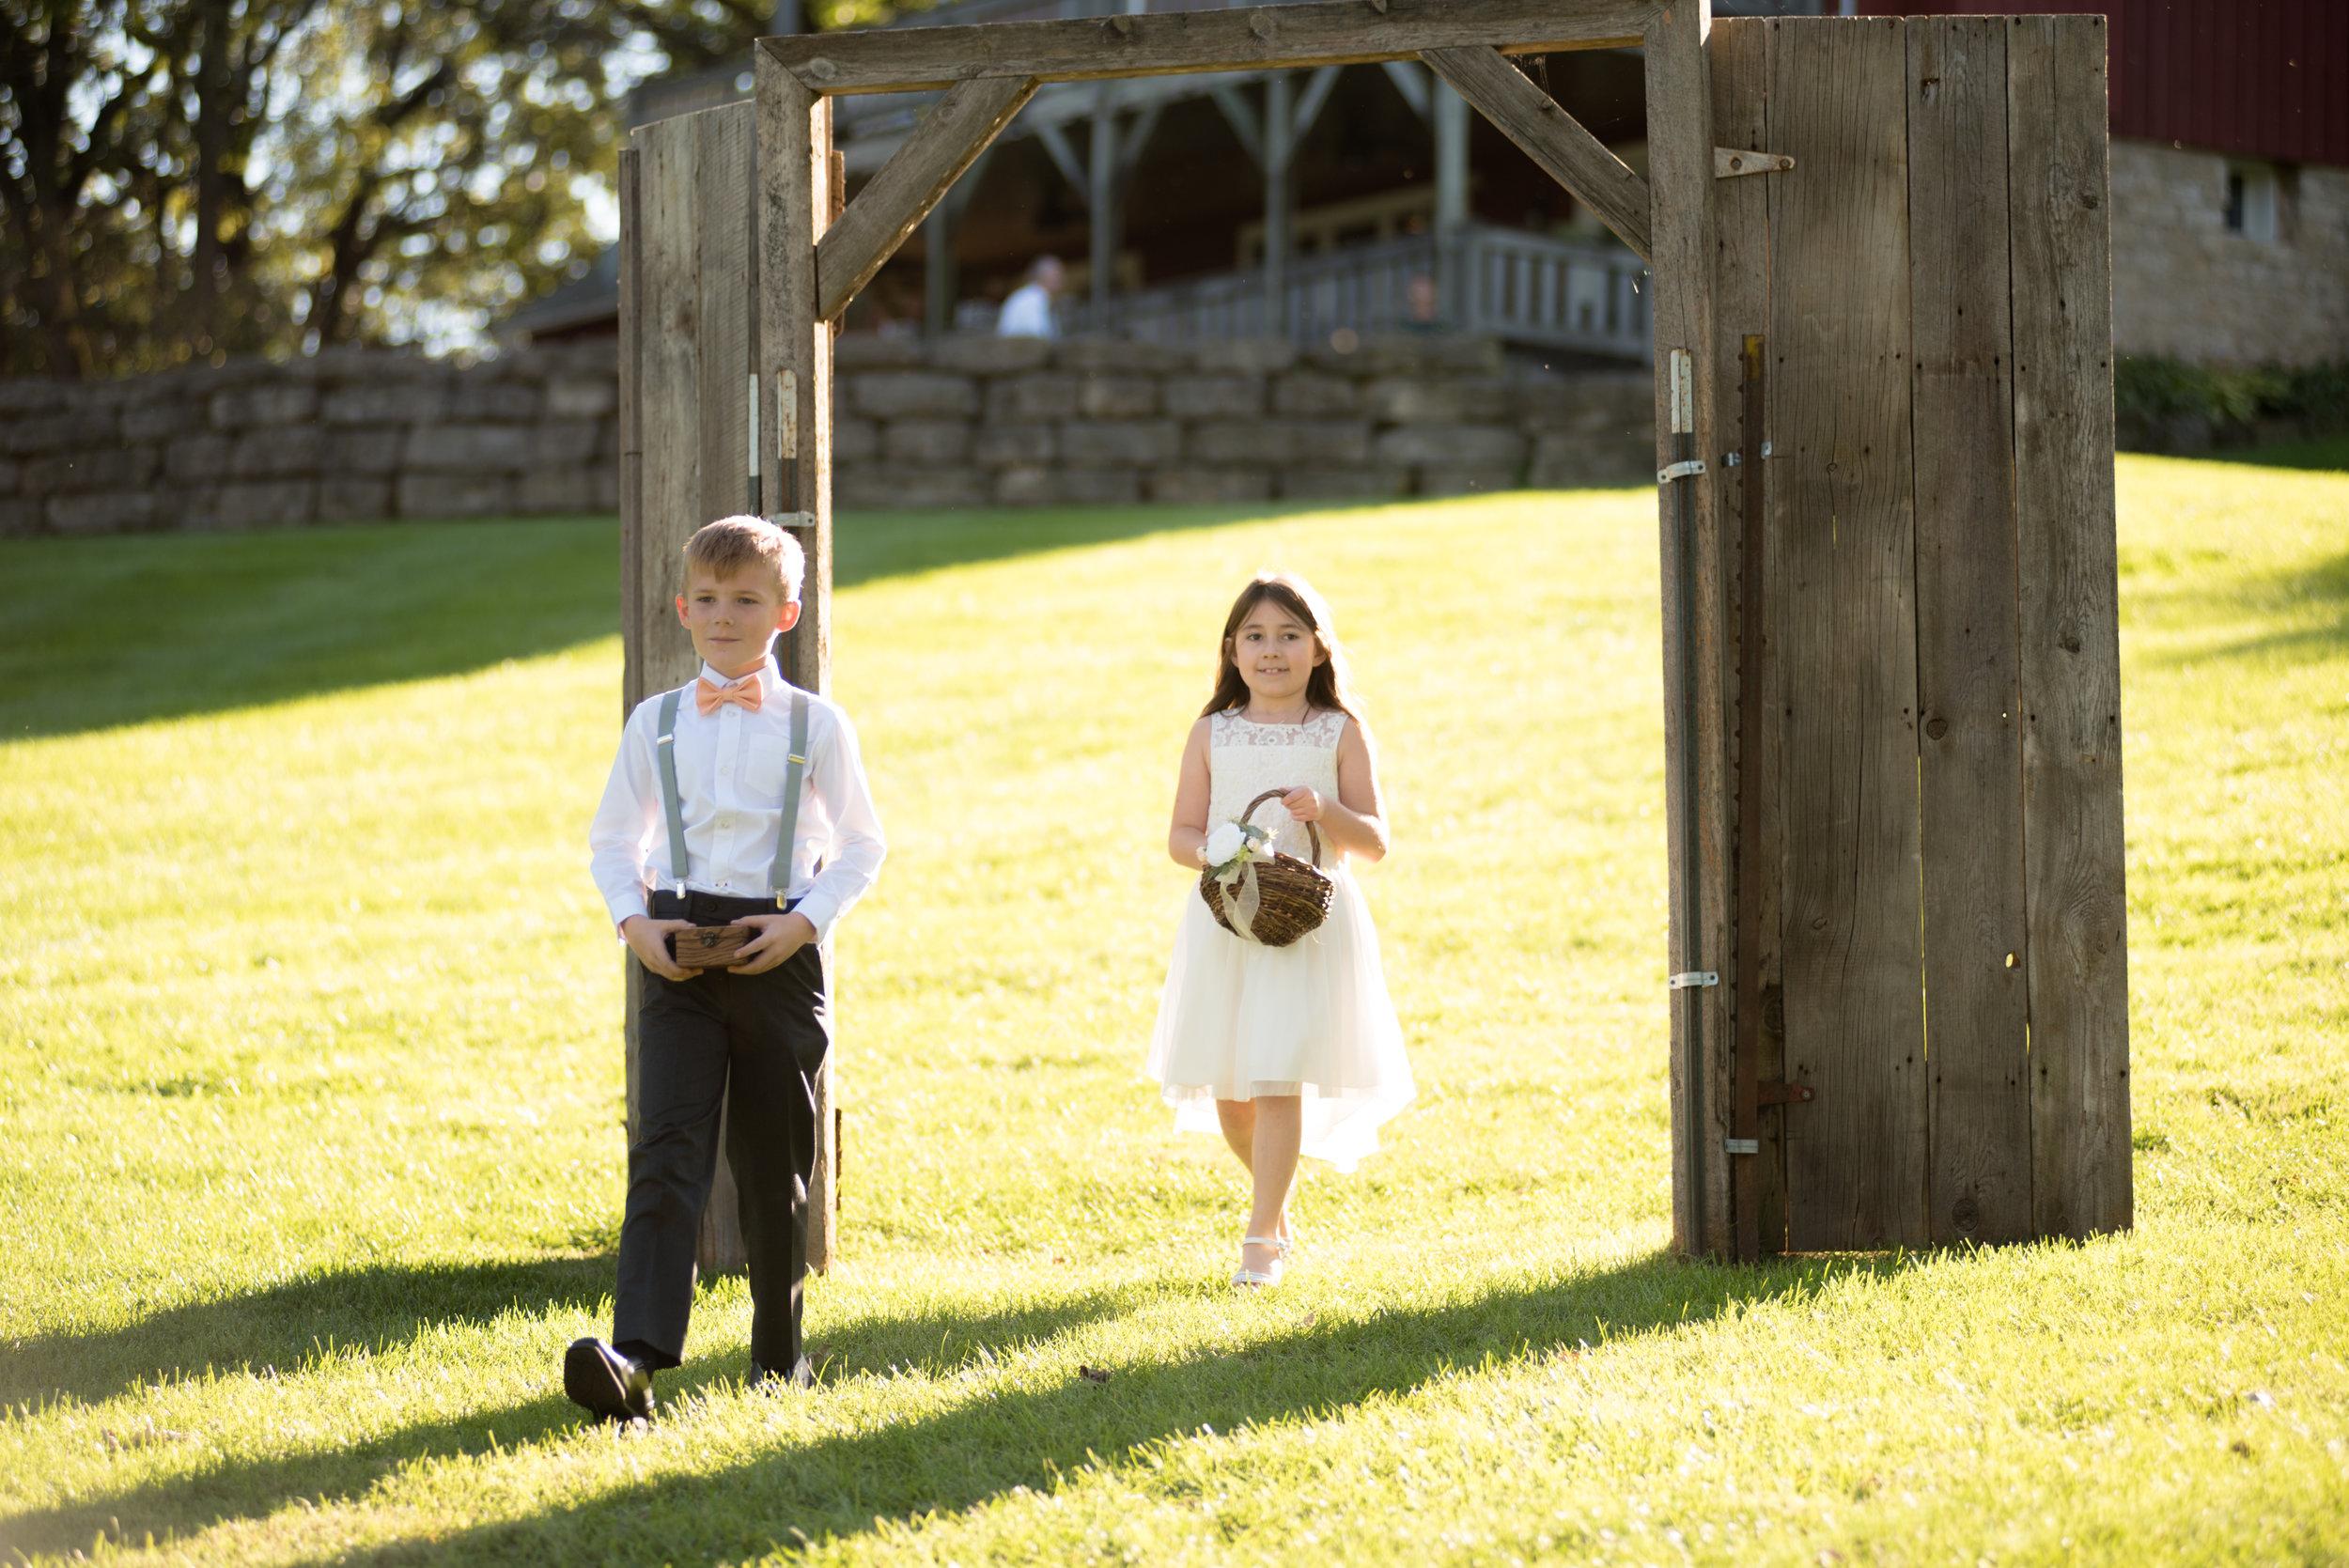 Peter&Sarah-24.jpg